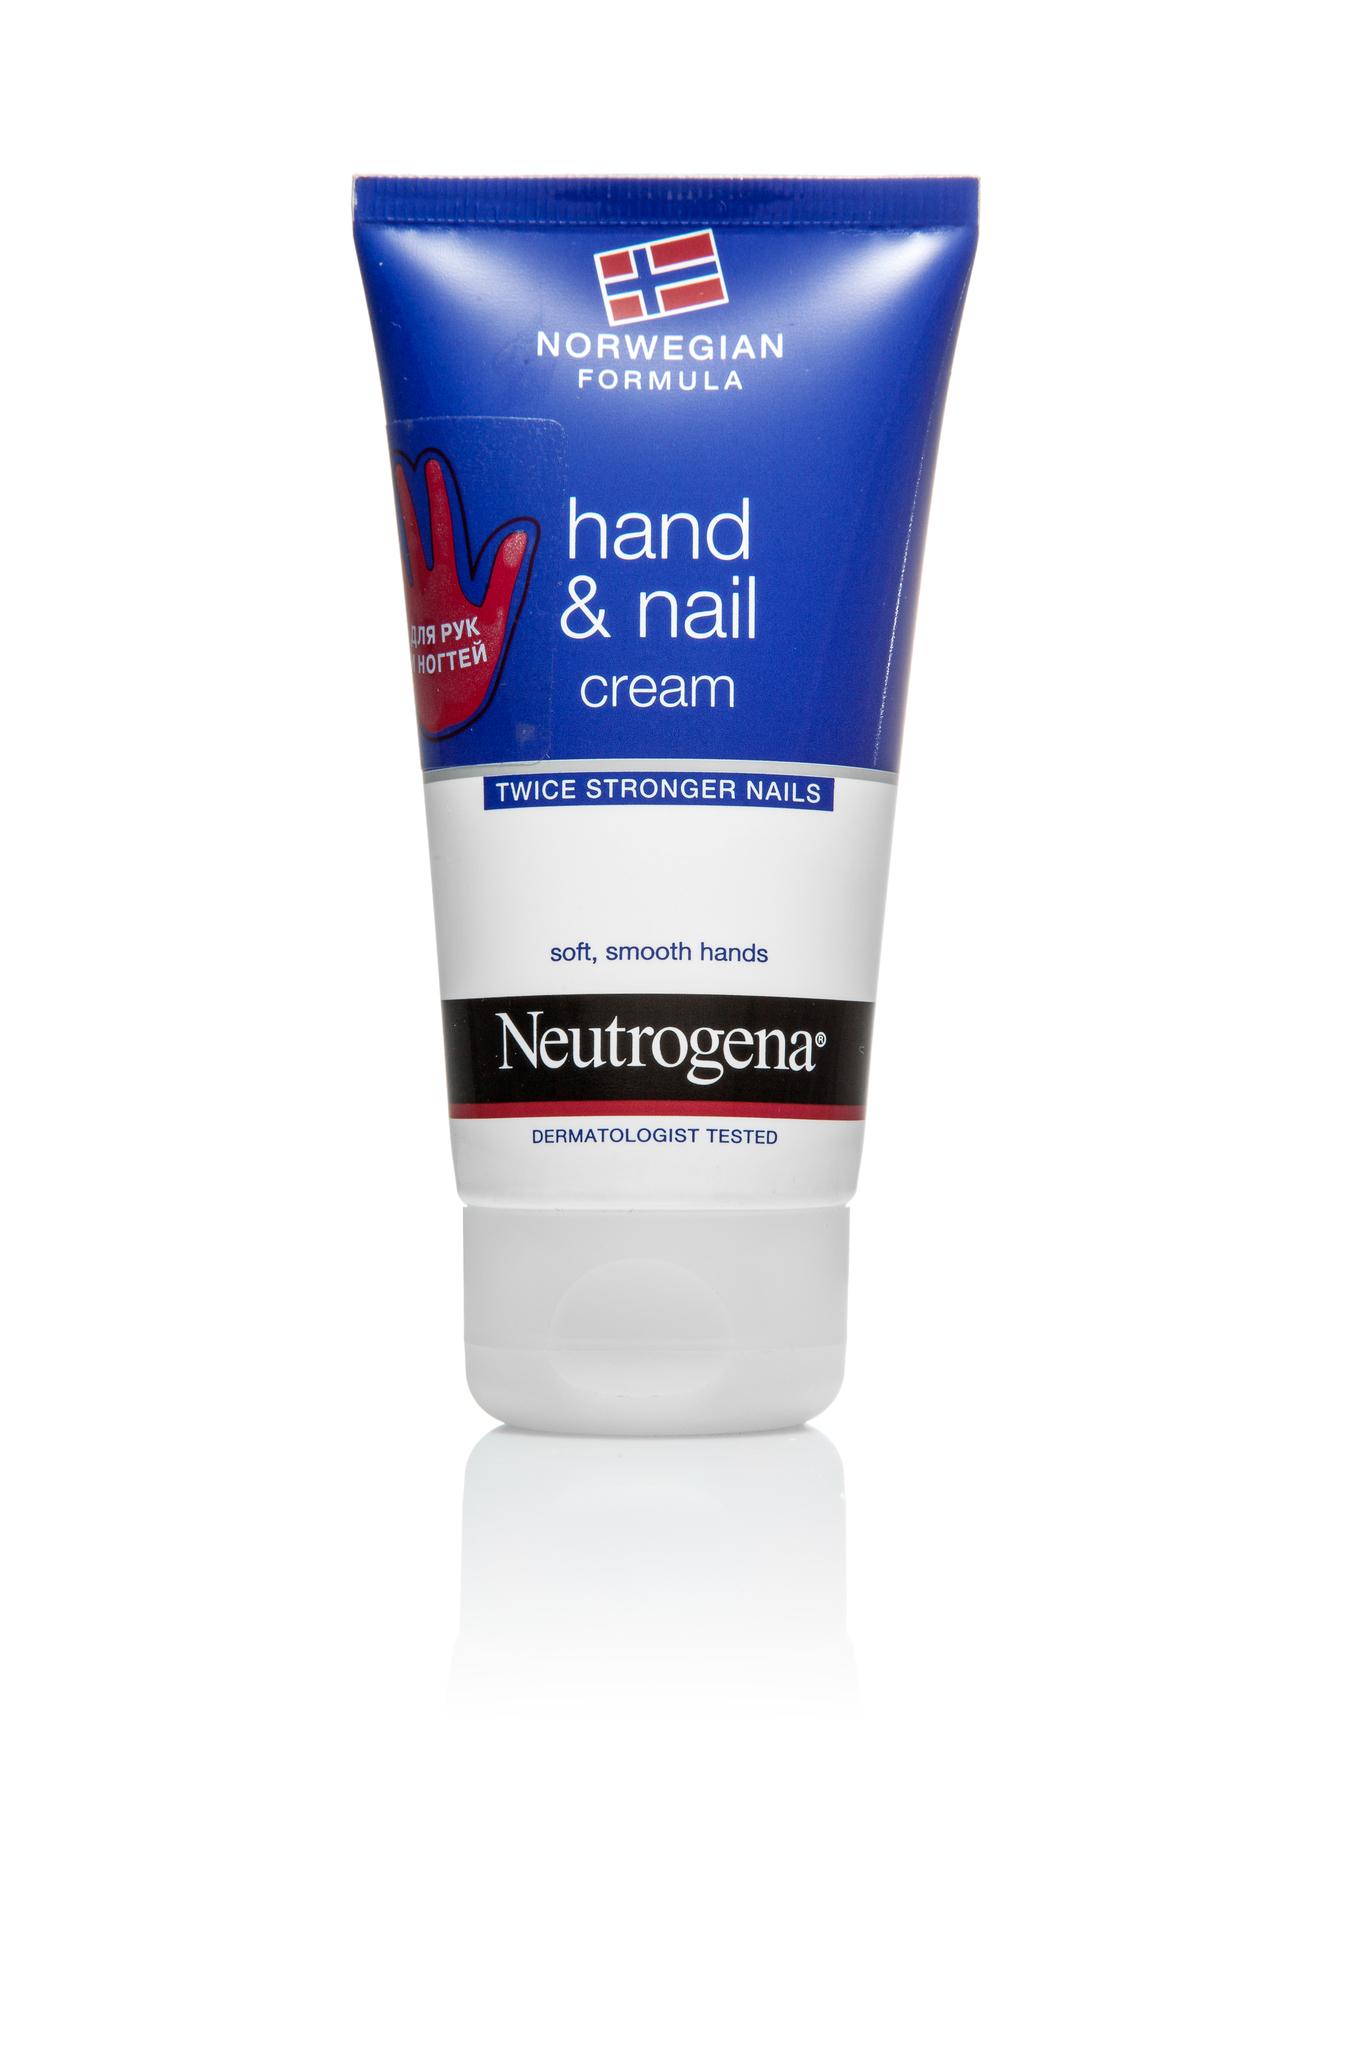 Neutrogena крем-уход для рук и ногтей 75 мл.